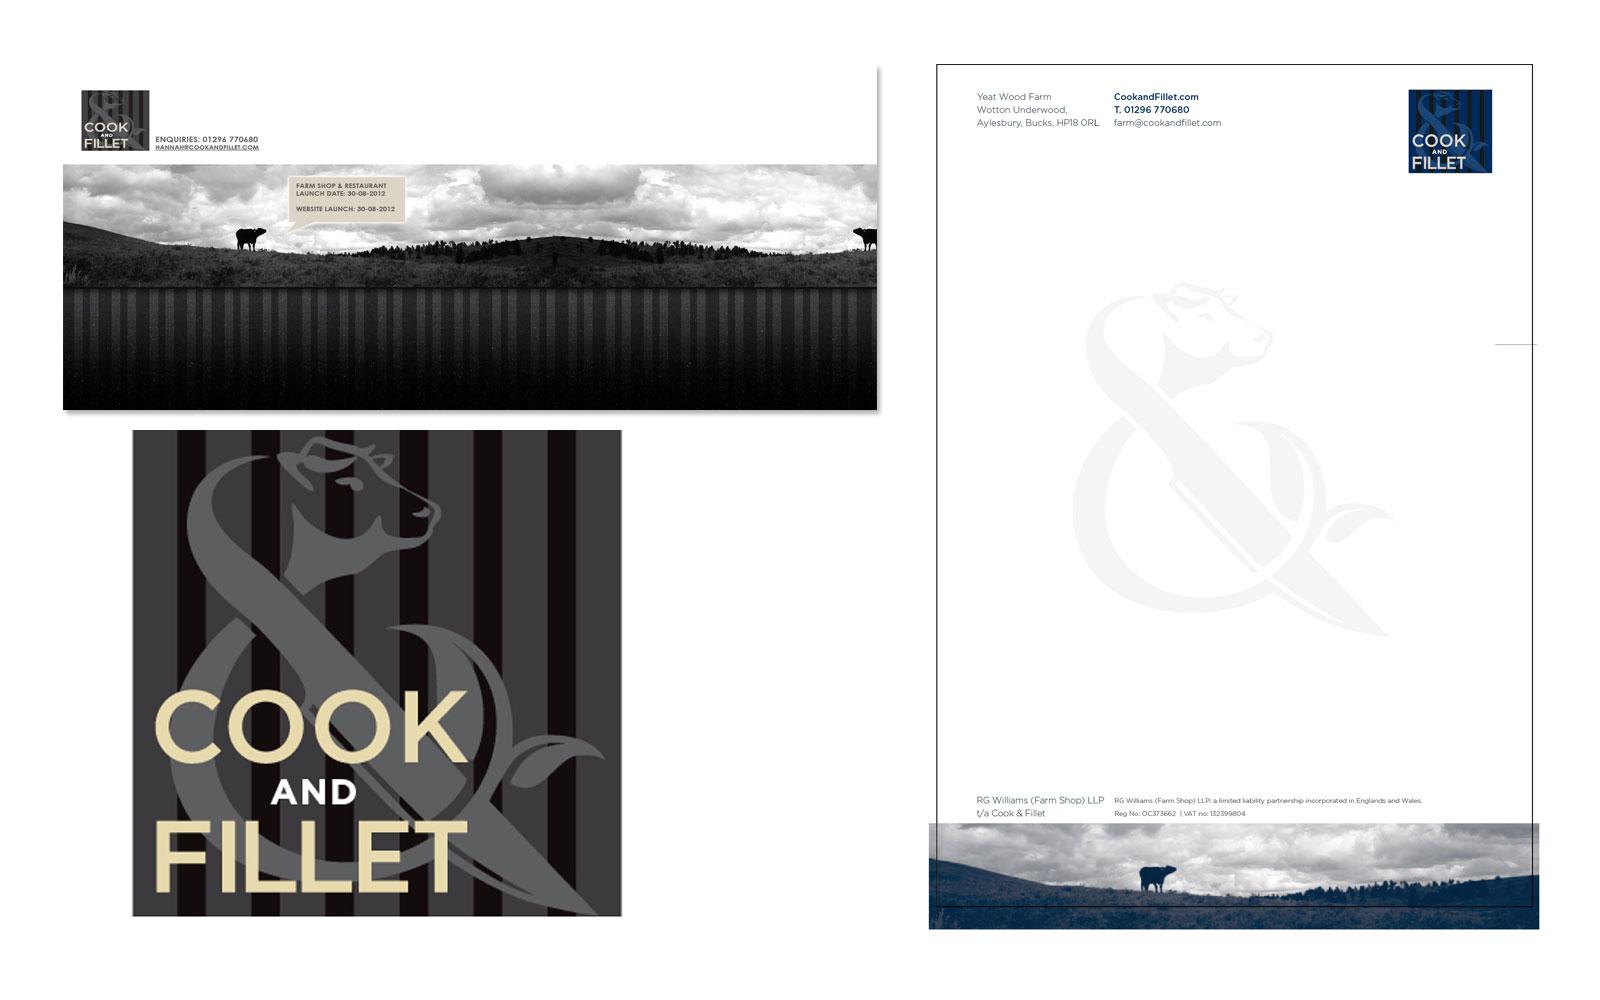 Cook-&-Fillet-Logoprint-LR